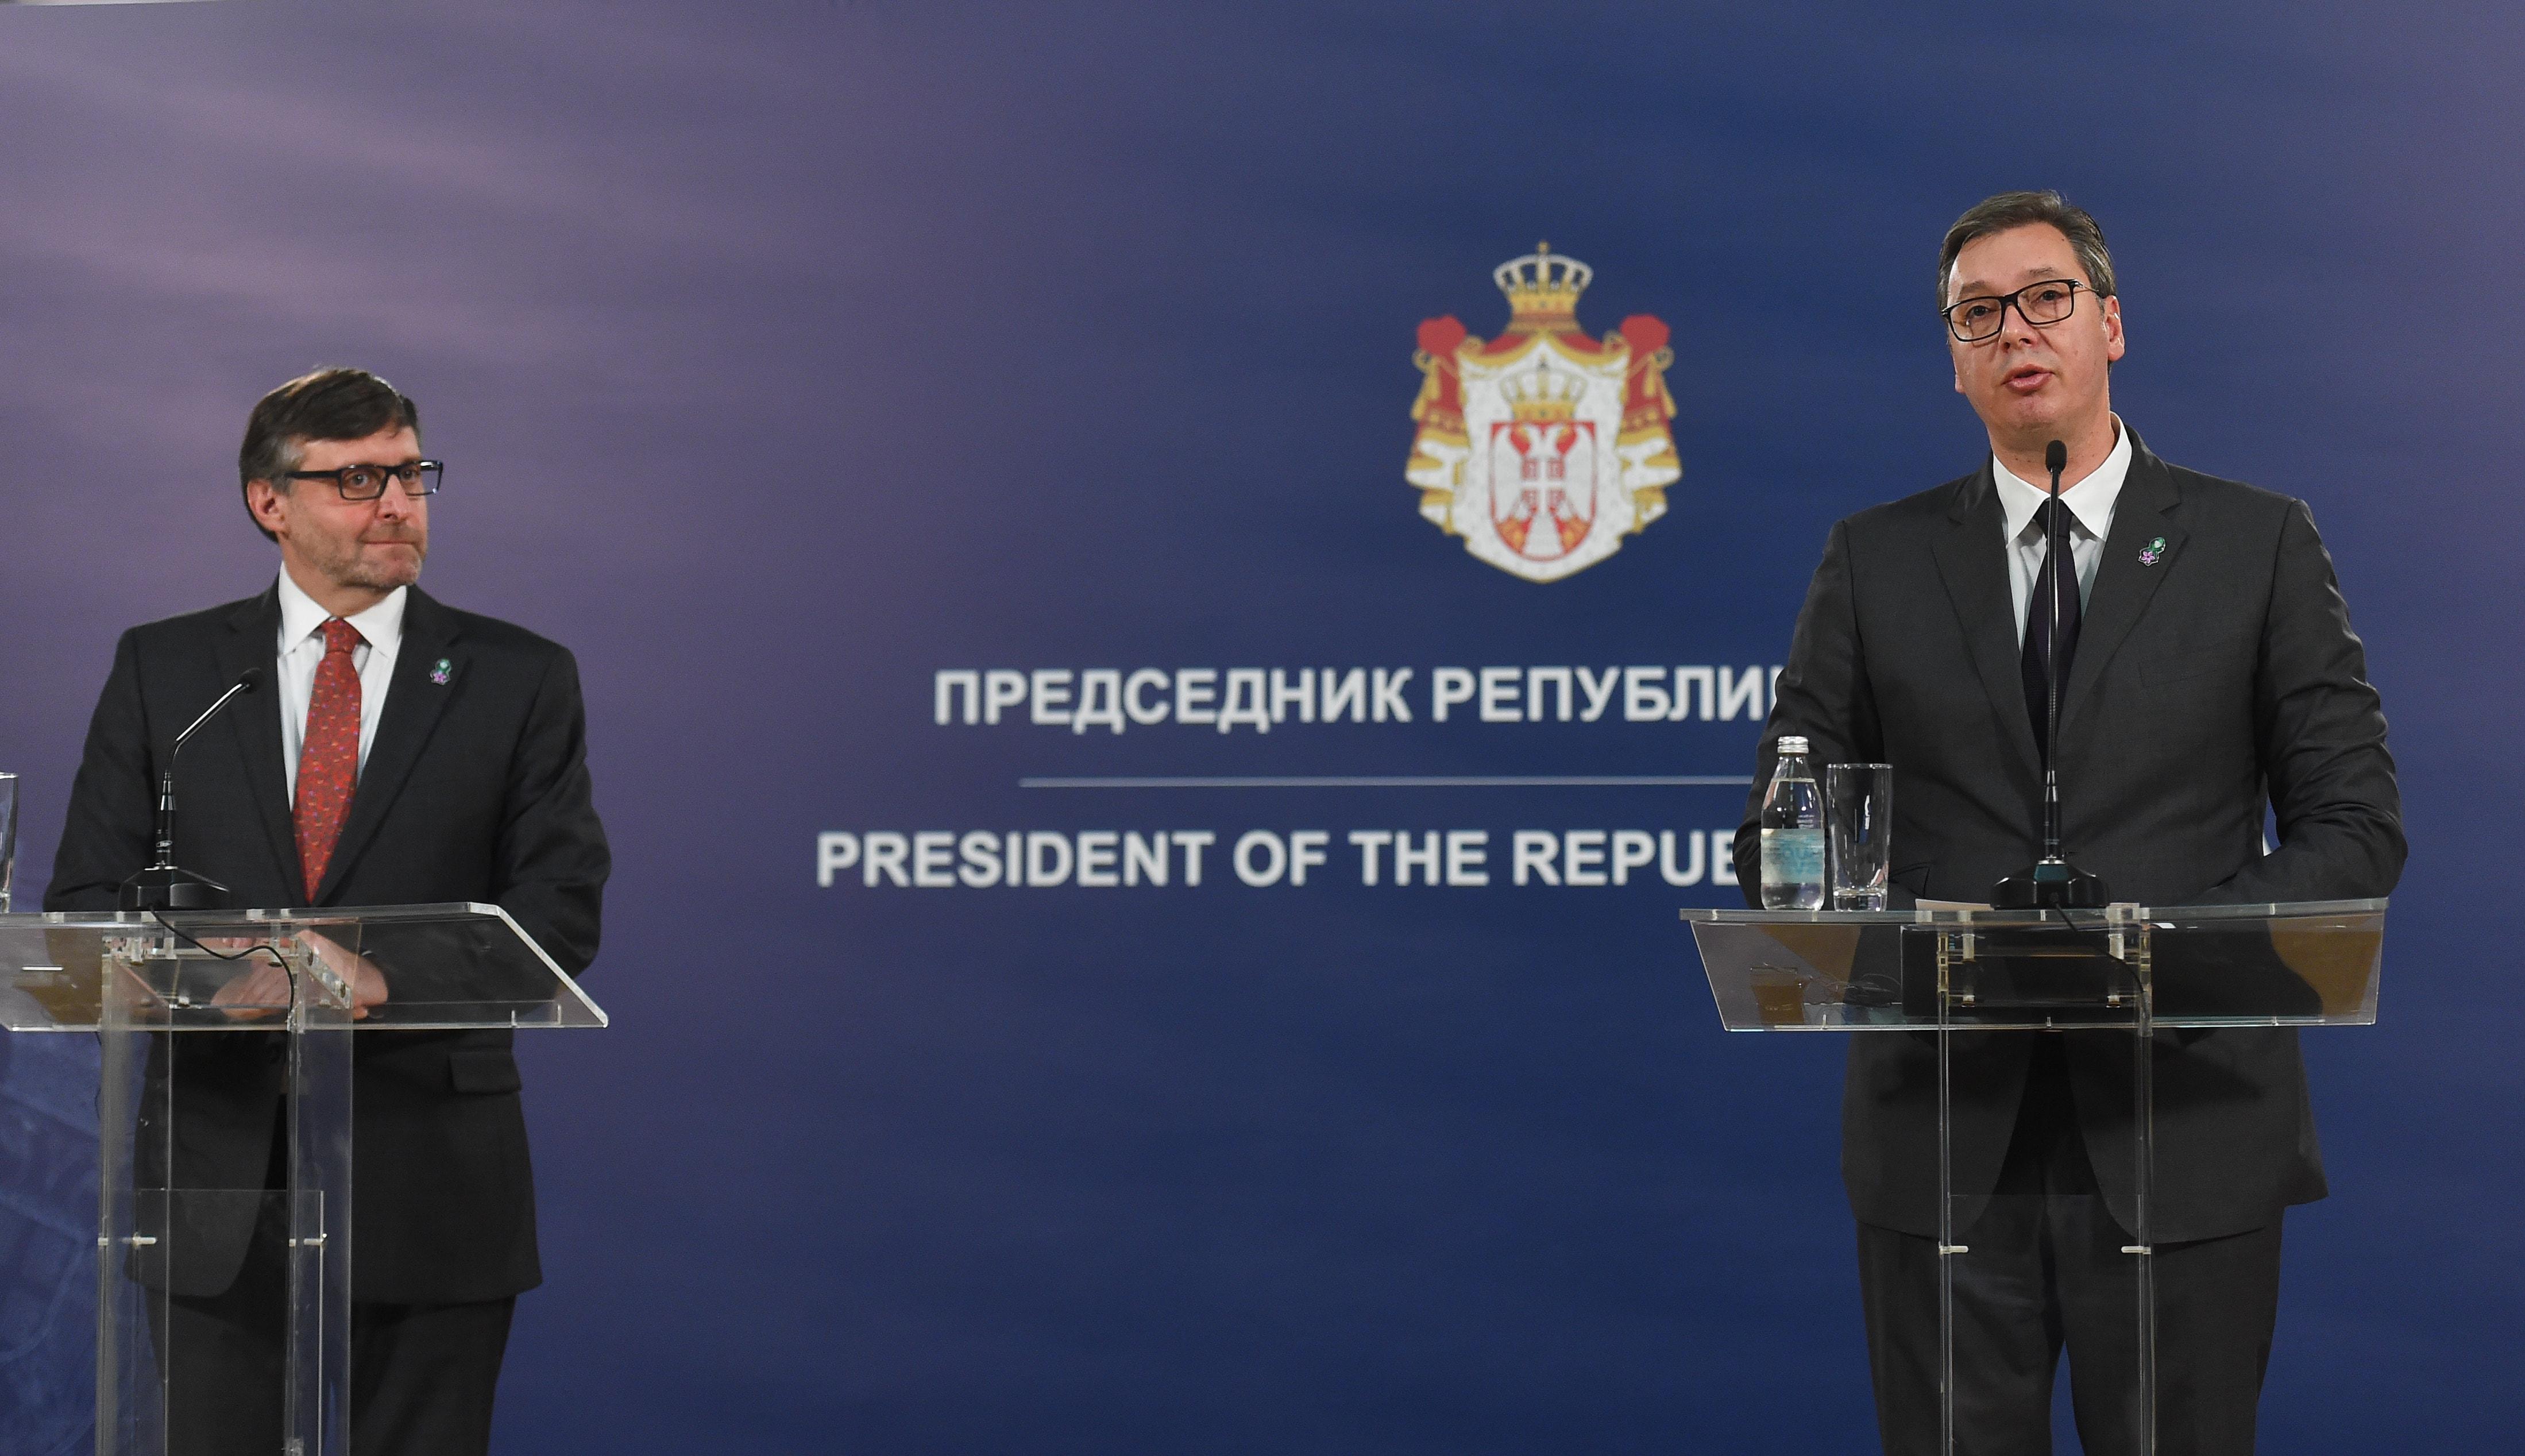 Simboli serb në xhaketë, Vuçiç falenderon Palmer